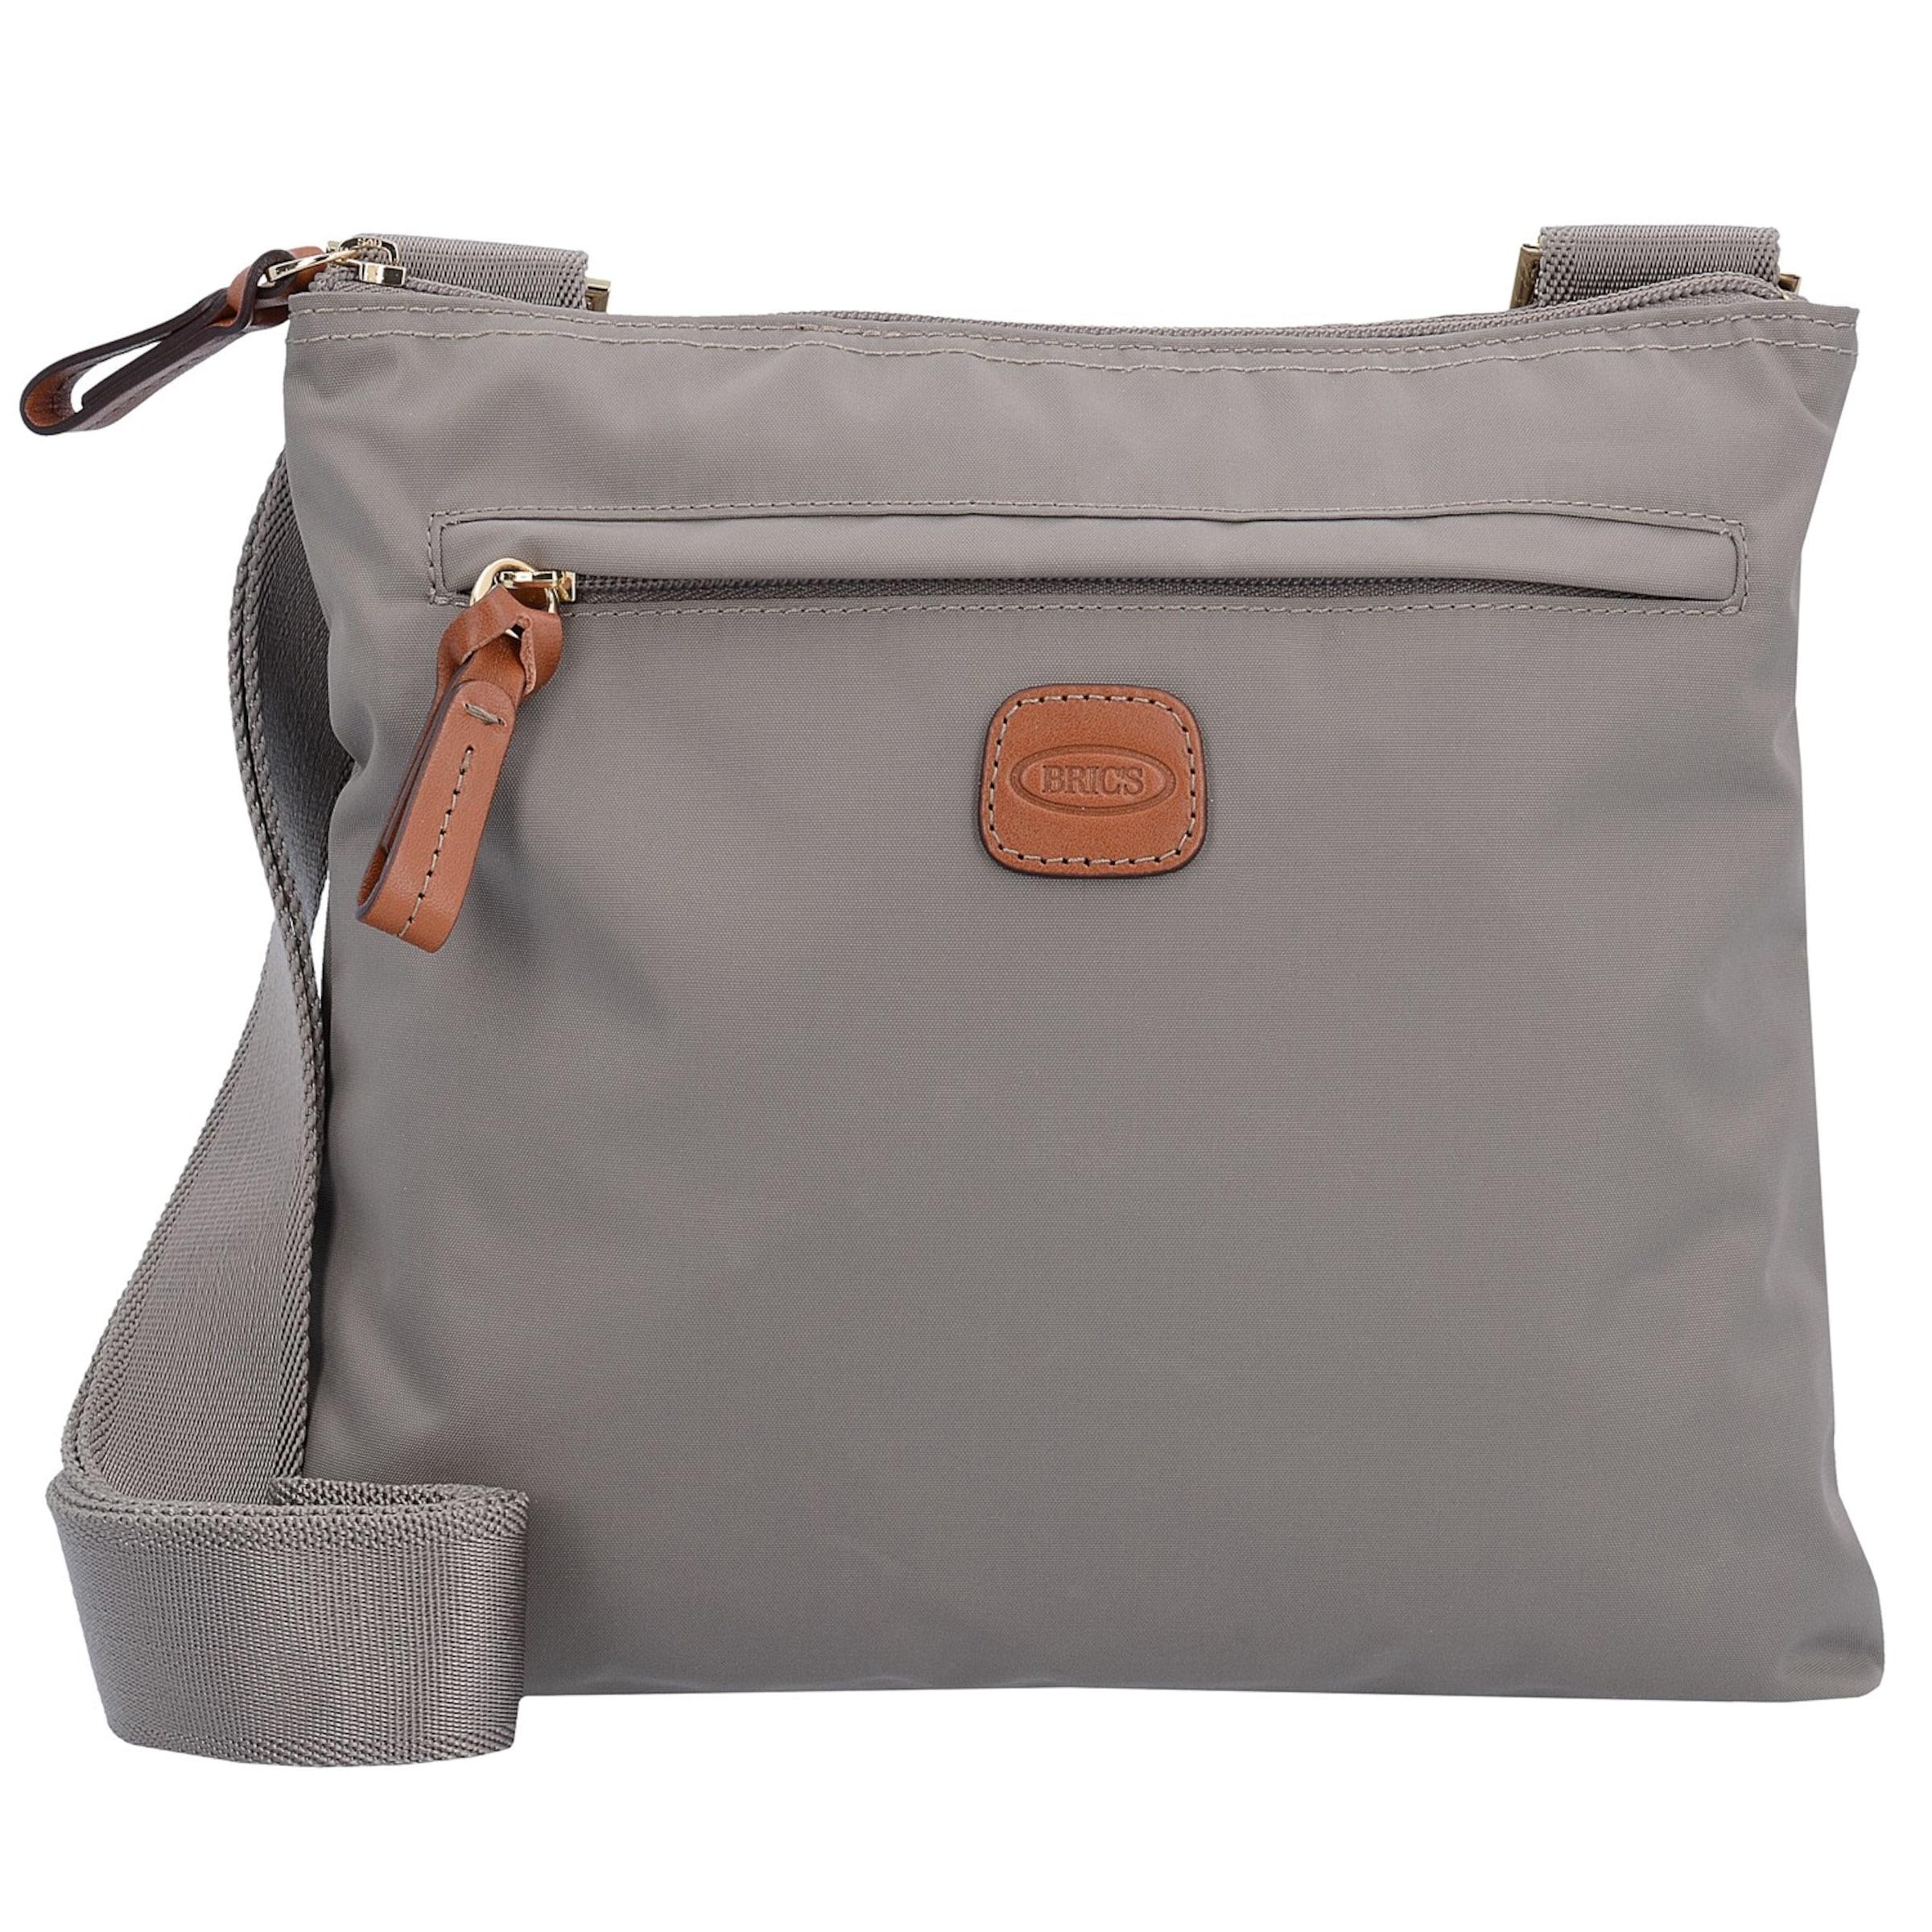 Bric's X-Bag Umhängetasche 26 cm Billig Freies Verschiffen Große Überraschung 2018 Neue Preiswerte Online Mode-Stil Günstig Online AQesIuKbem